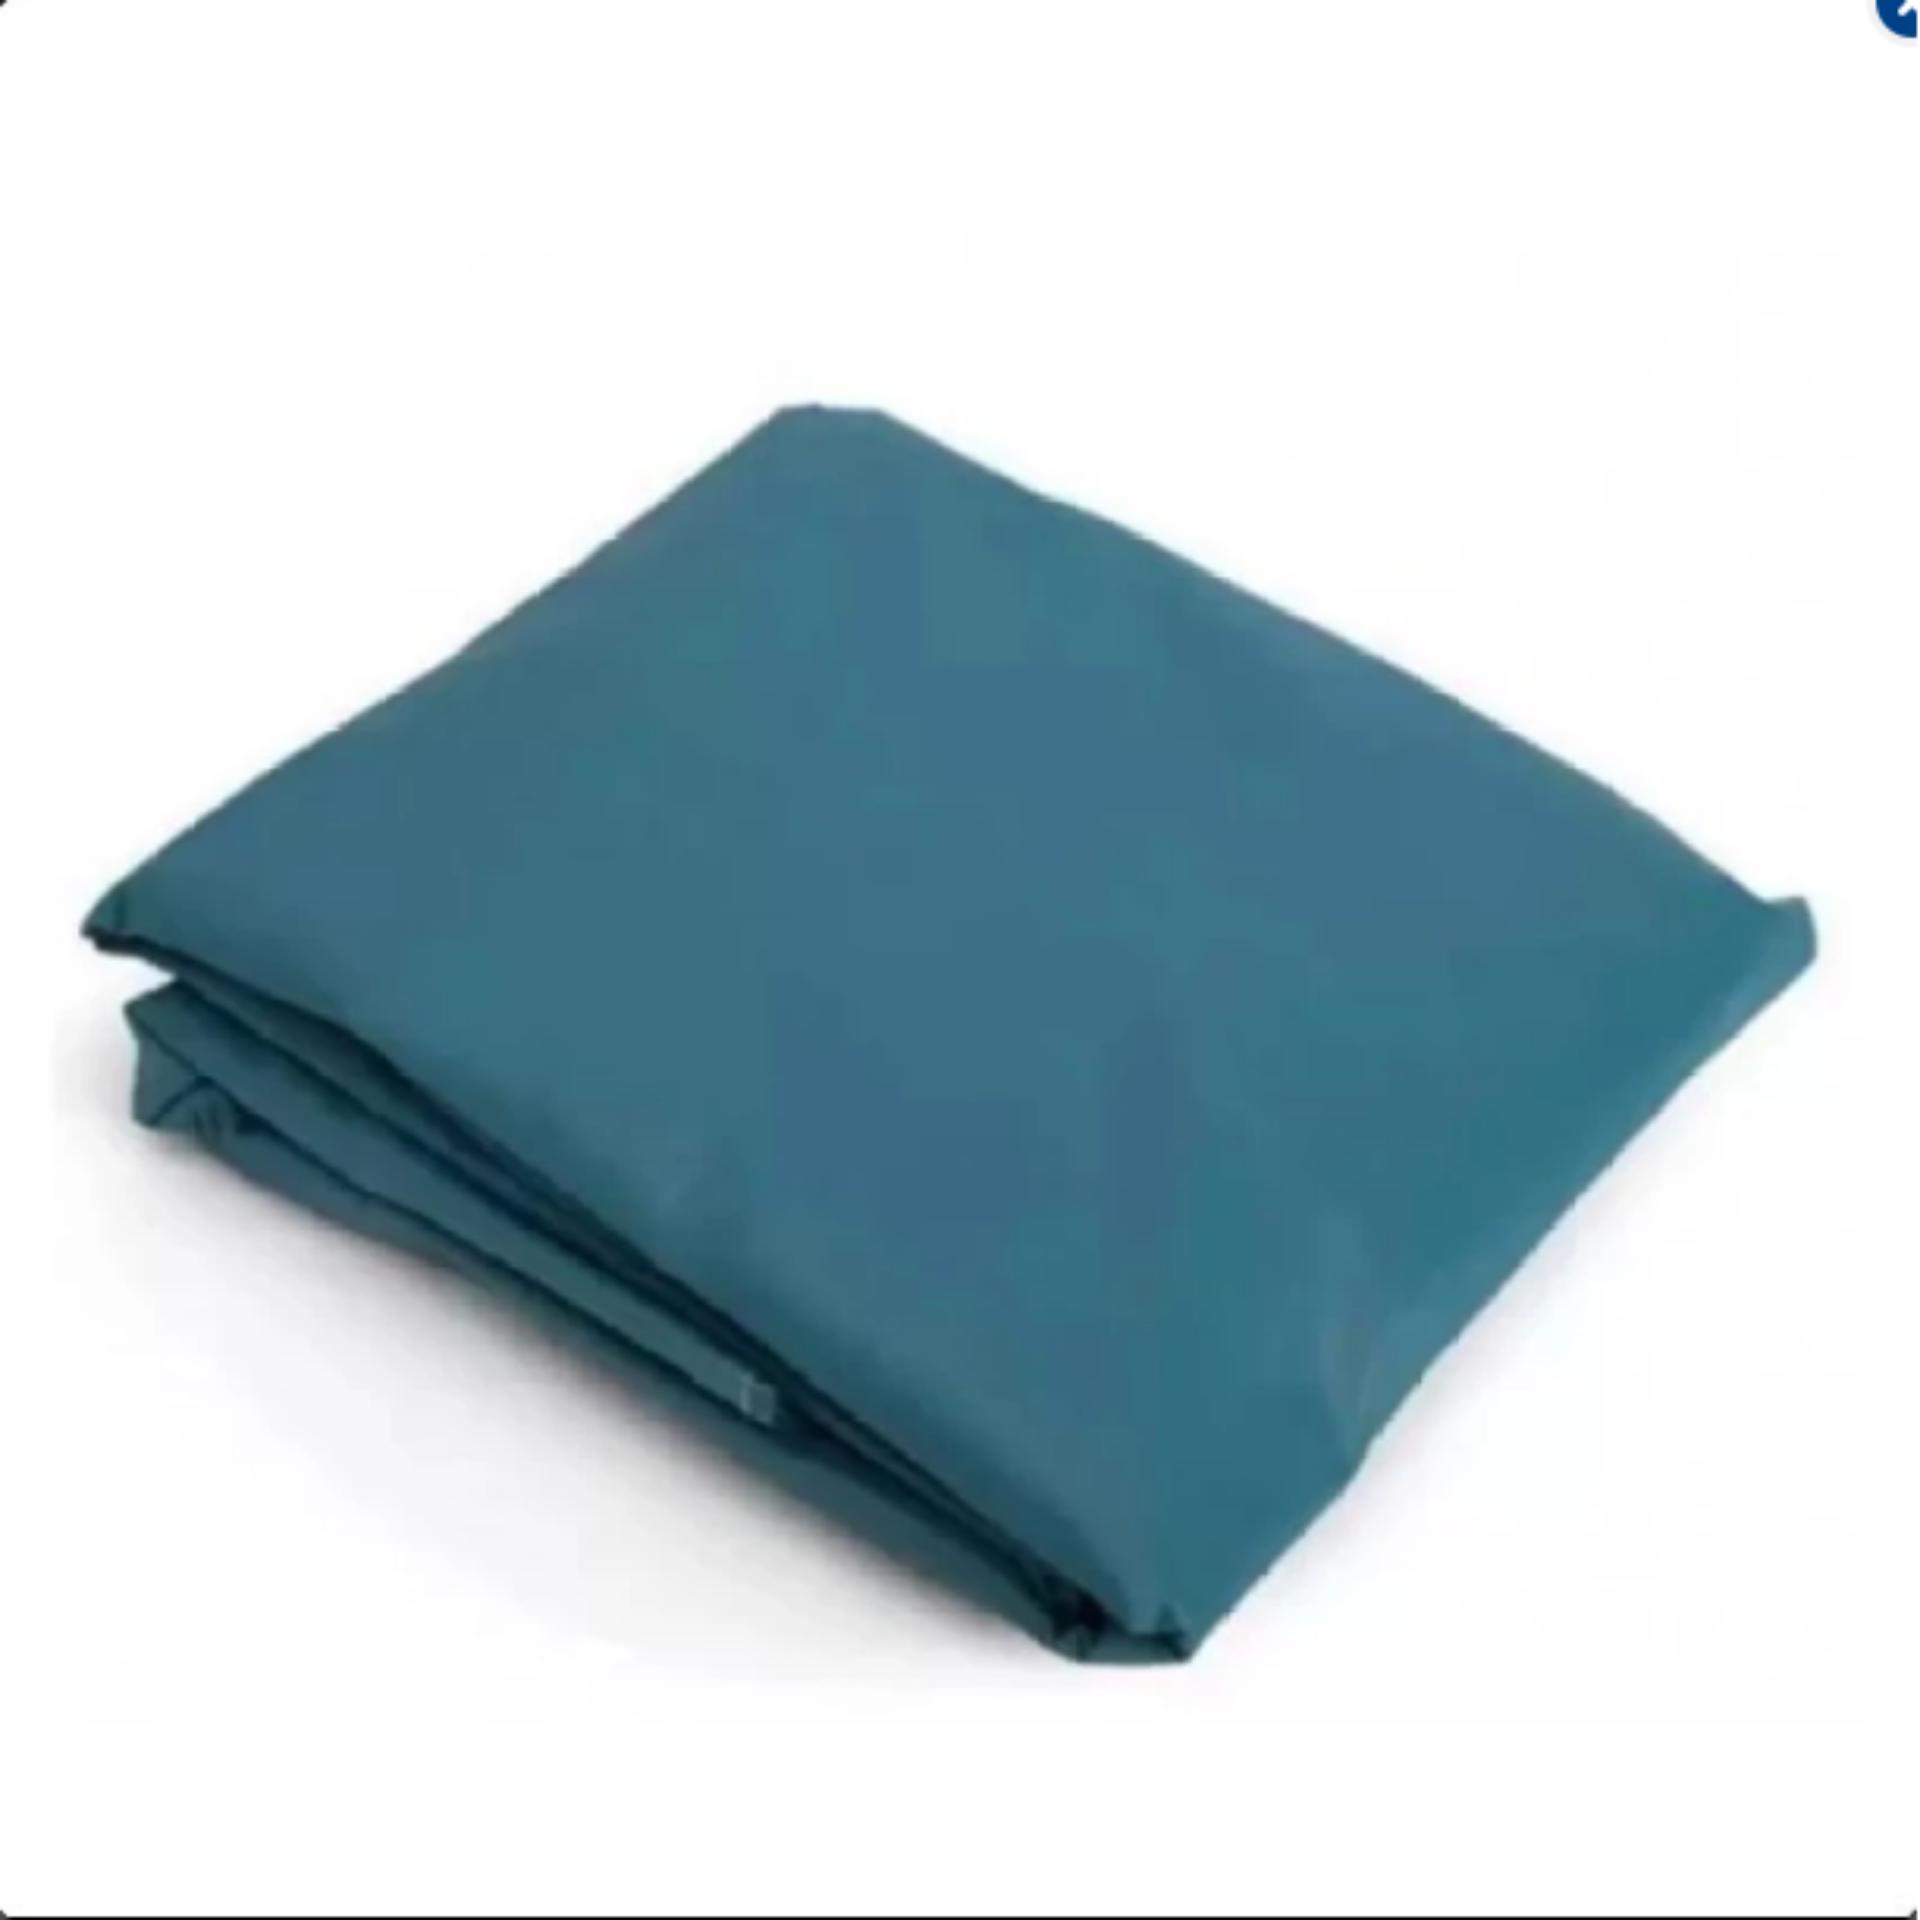 Ga trải giường chống thấm 160x200x10 cm